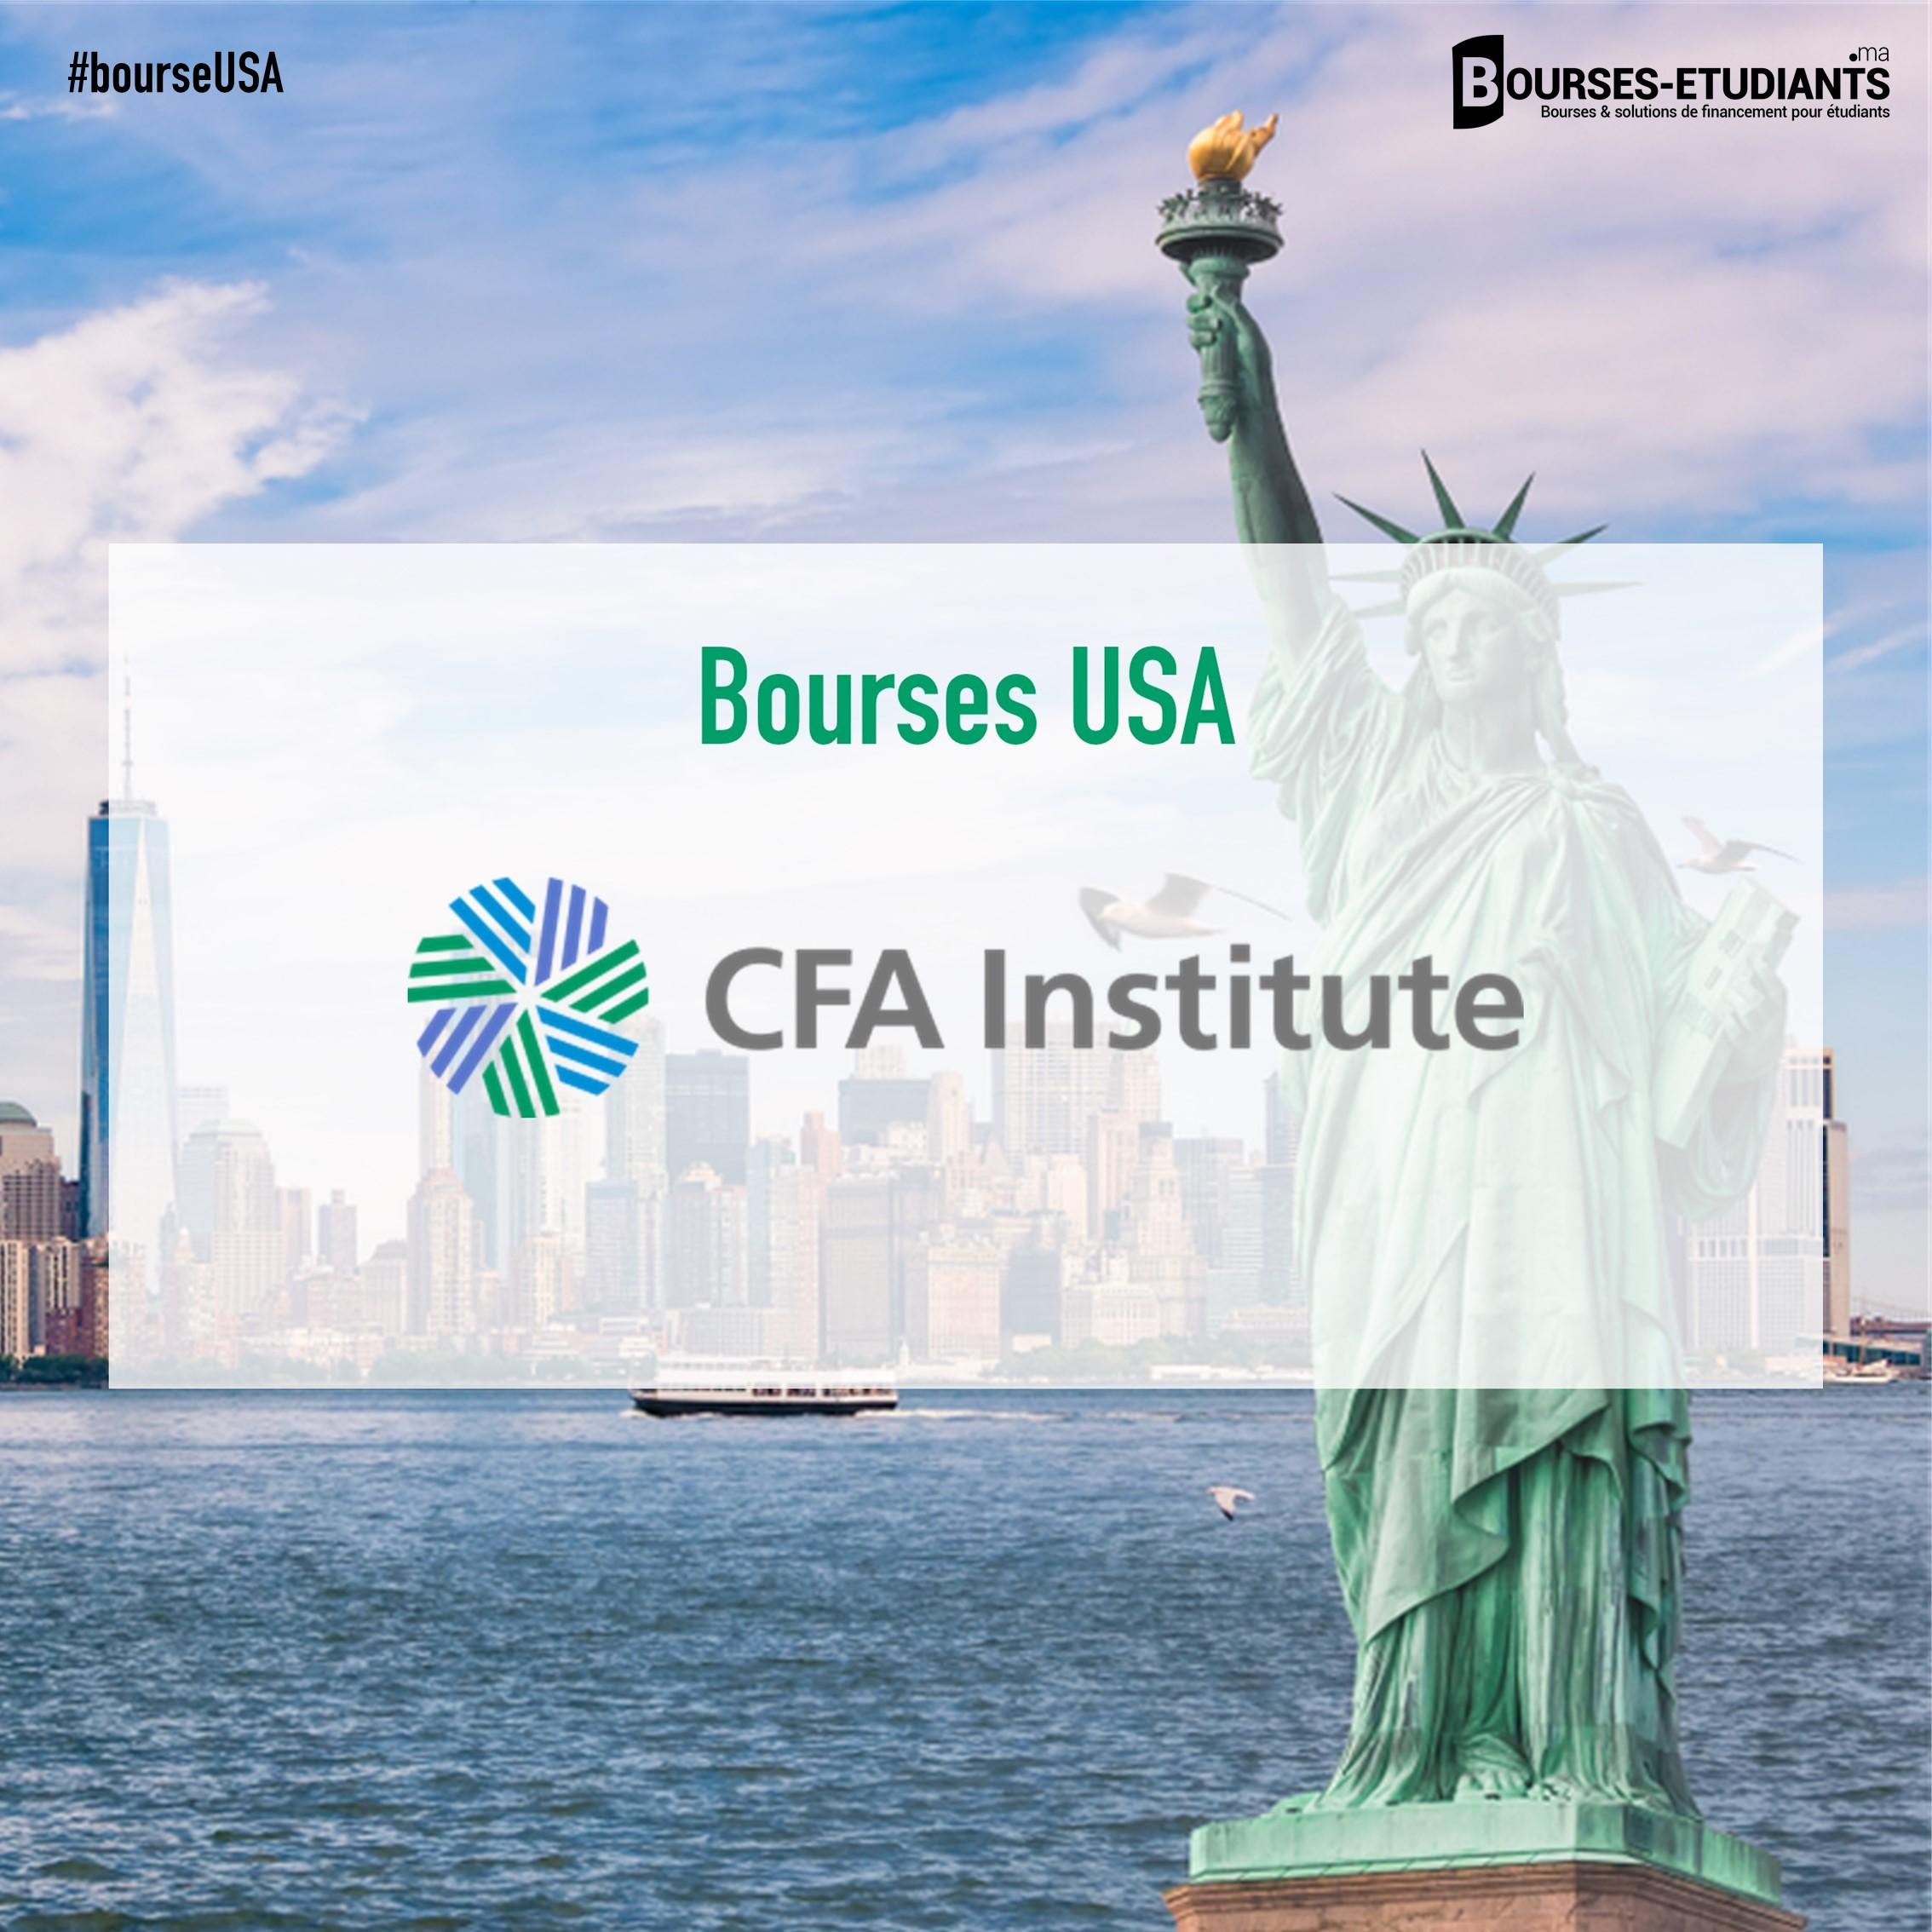 Bourses USA